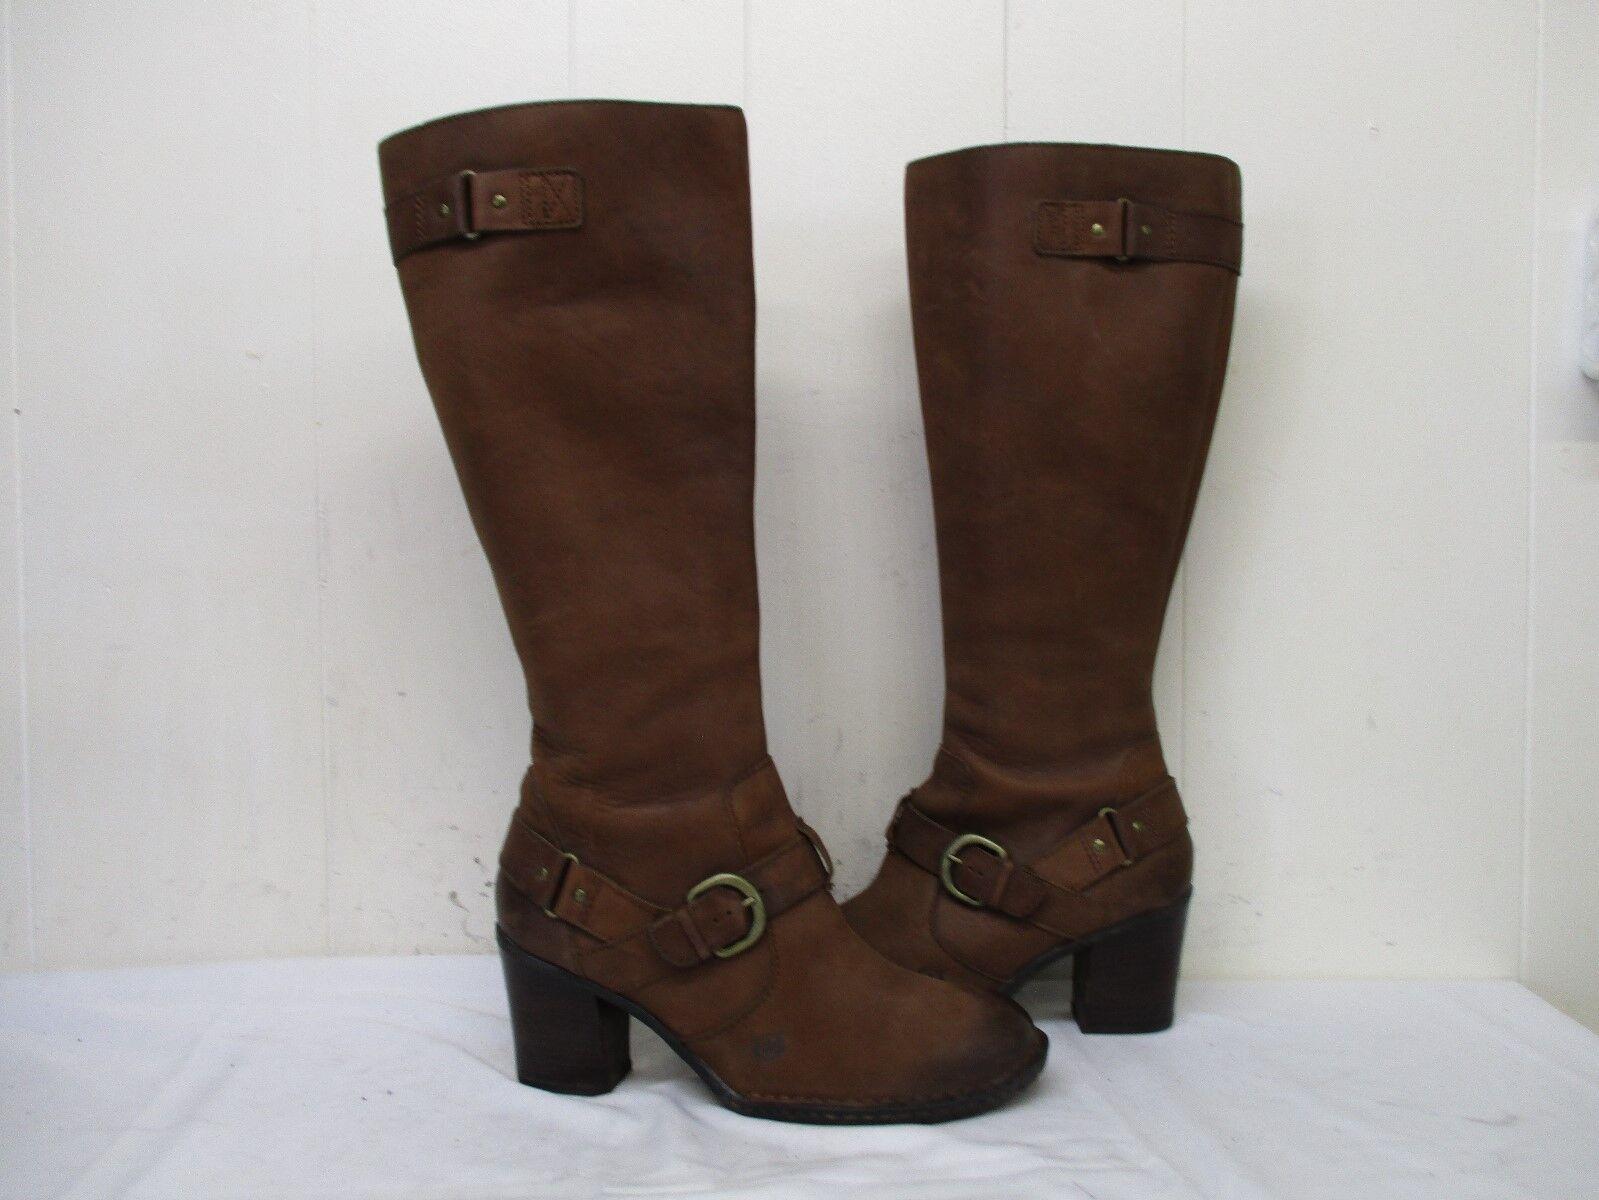 Born Braun Leder Zip Stiefel Harness Knee High Heel Stiefel Zip Größe 9.5 M/W Style B67706 06dd28